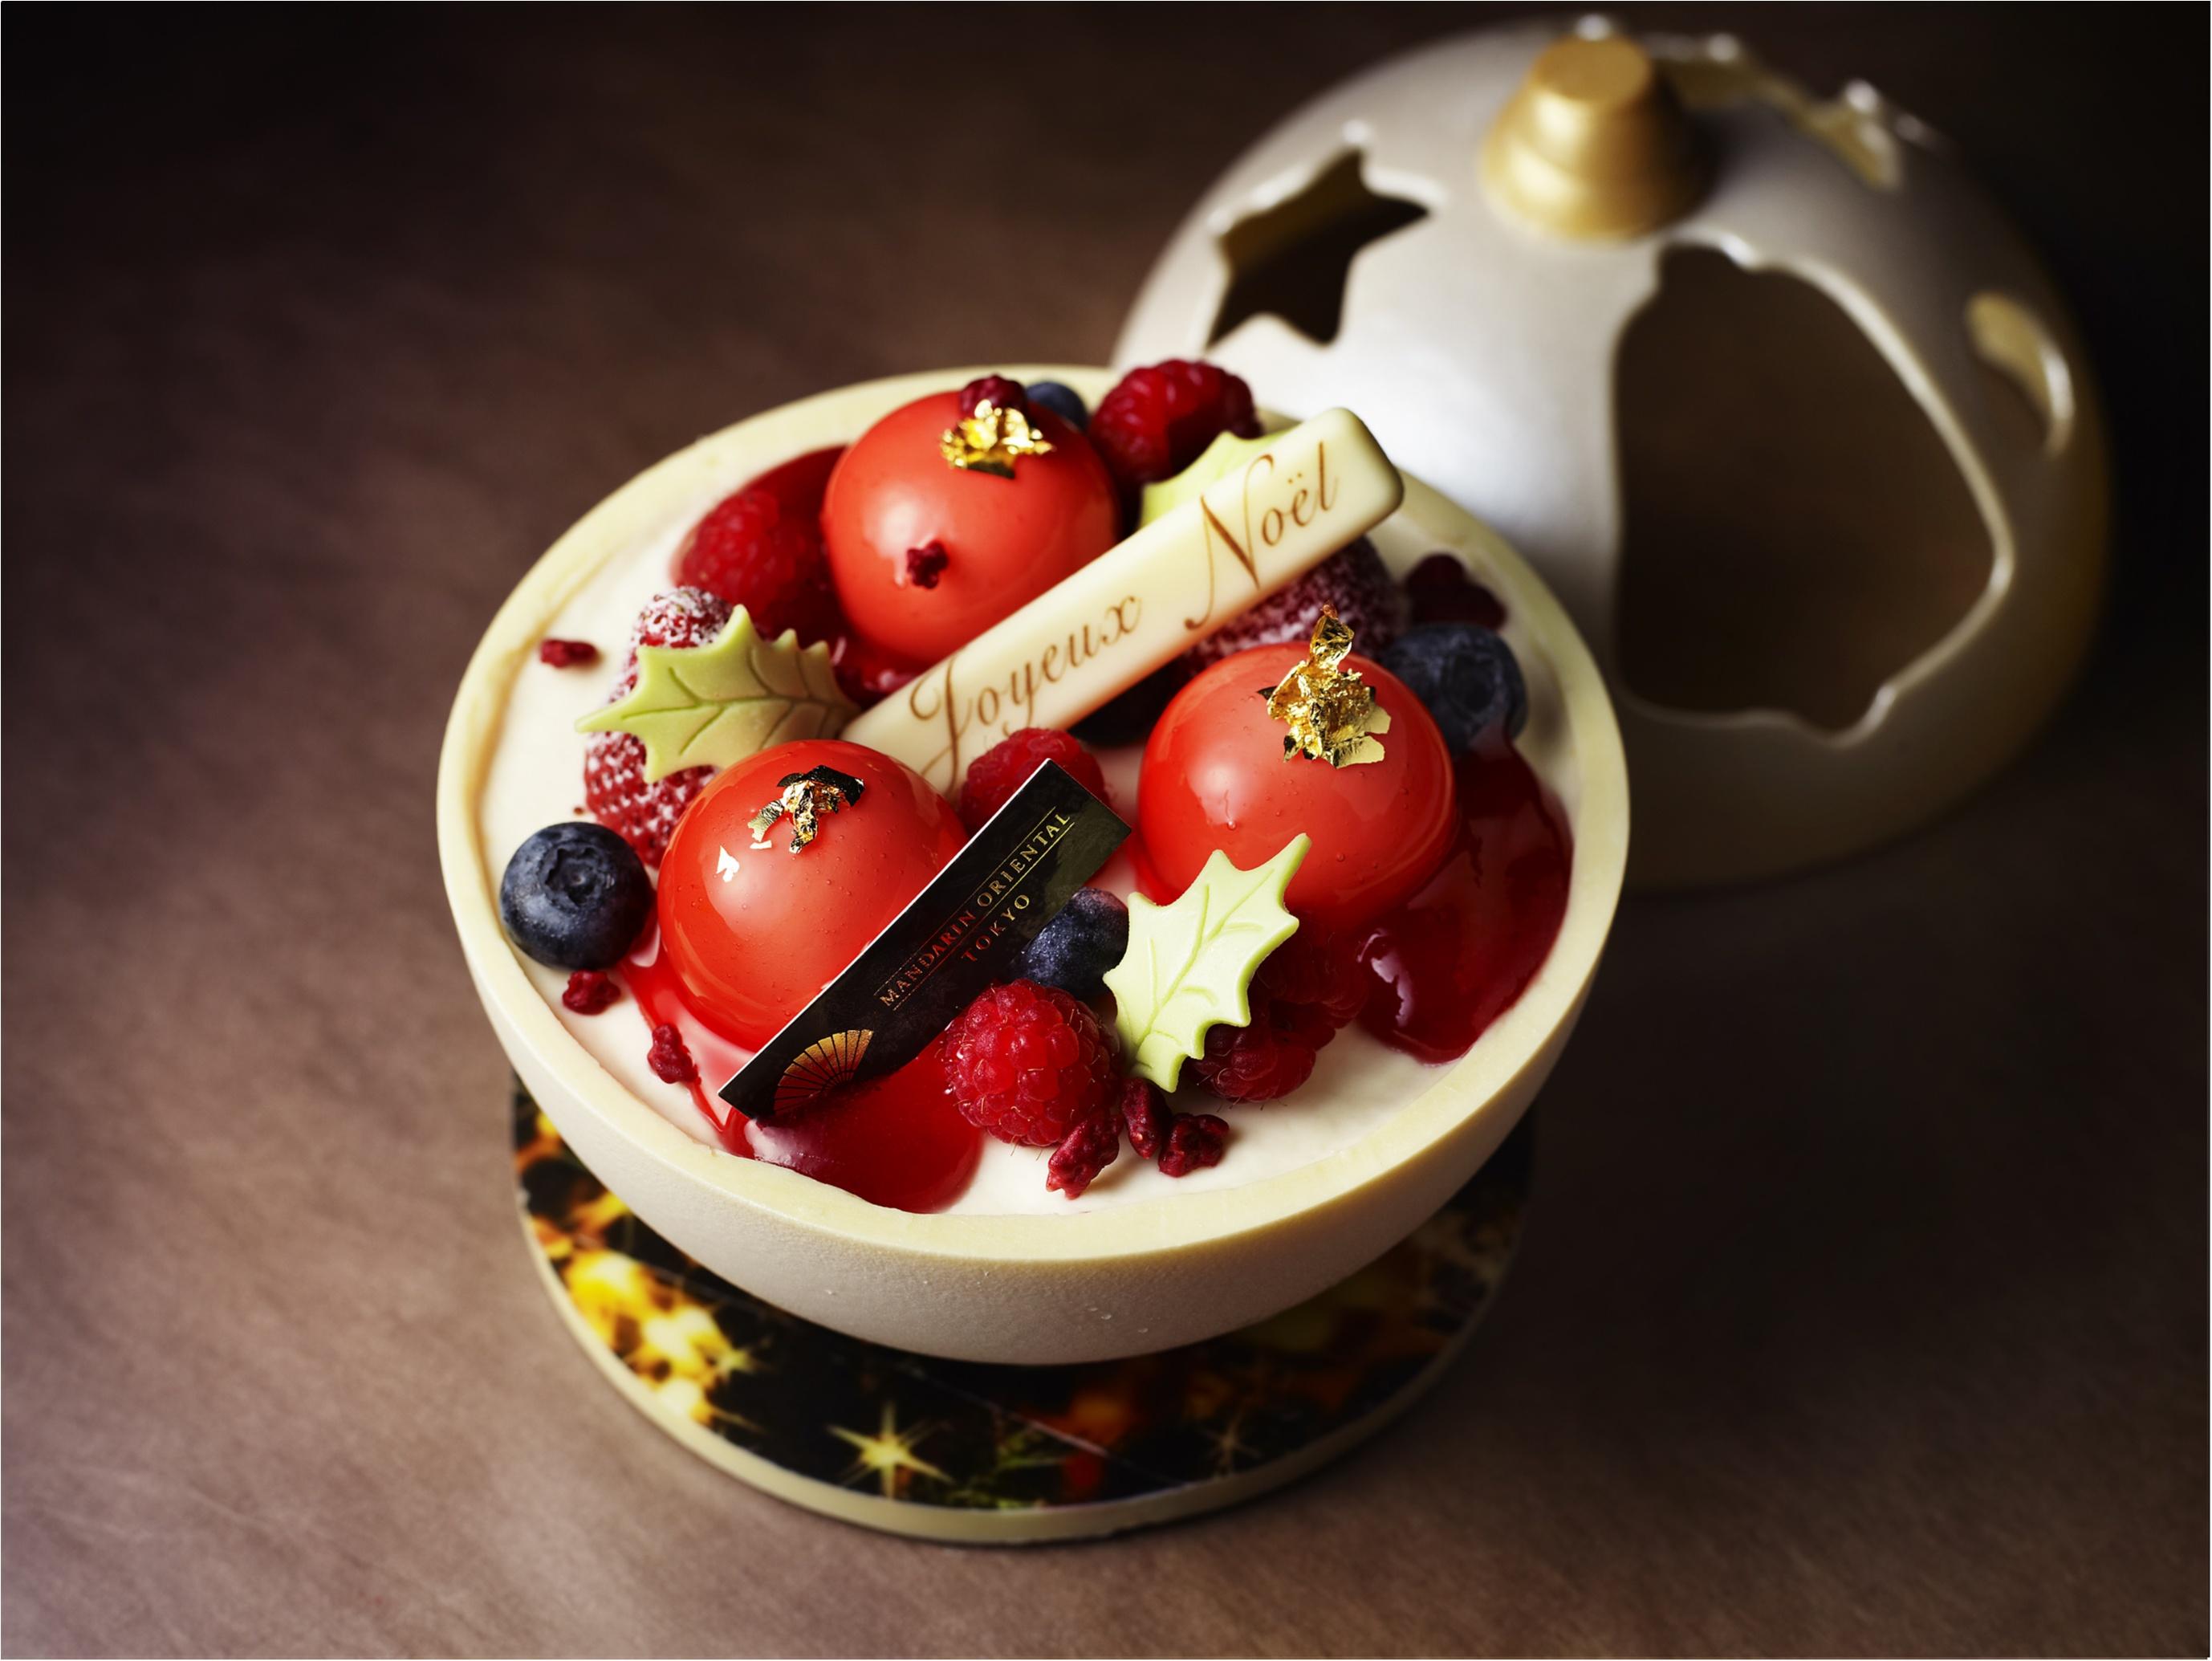 「わぁっ!」と絶対に歓声が上がります! 『マンダリン オリエンタル 東京』のクリスマスケーキ!!_2